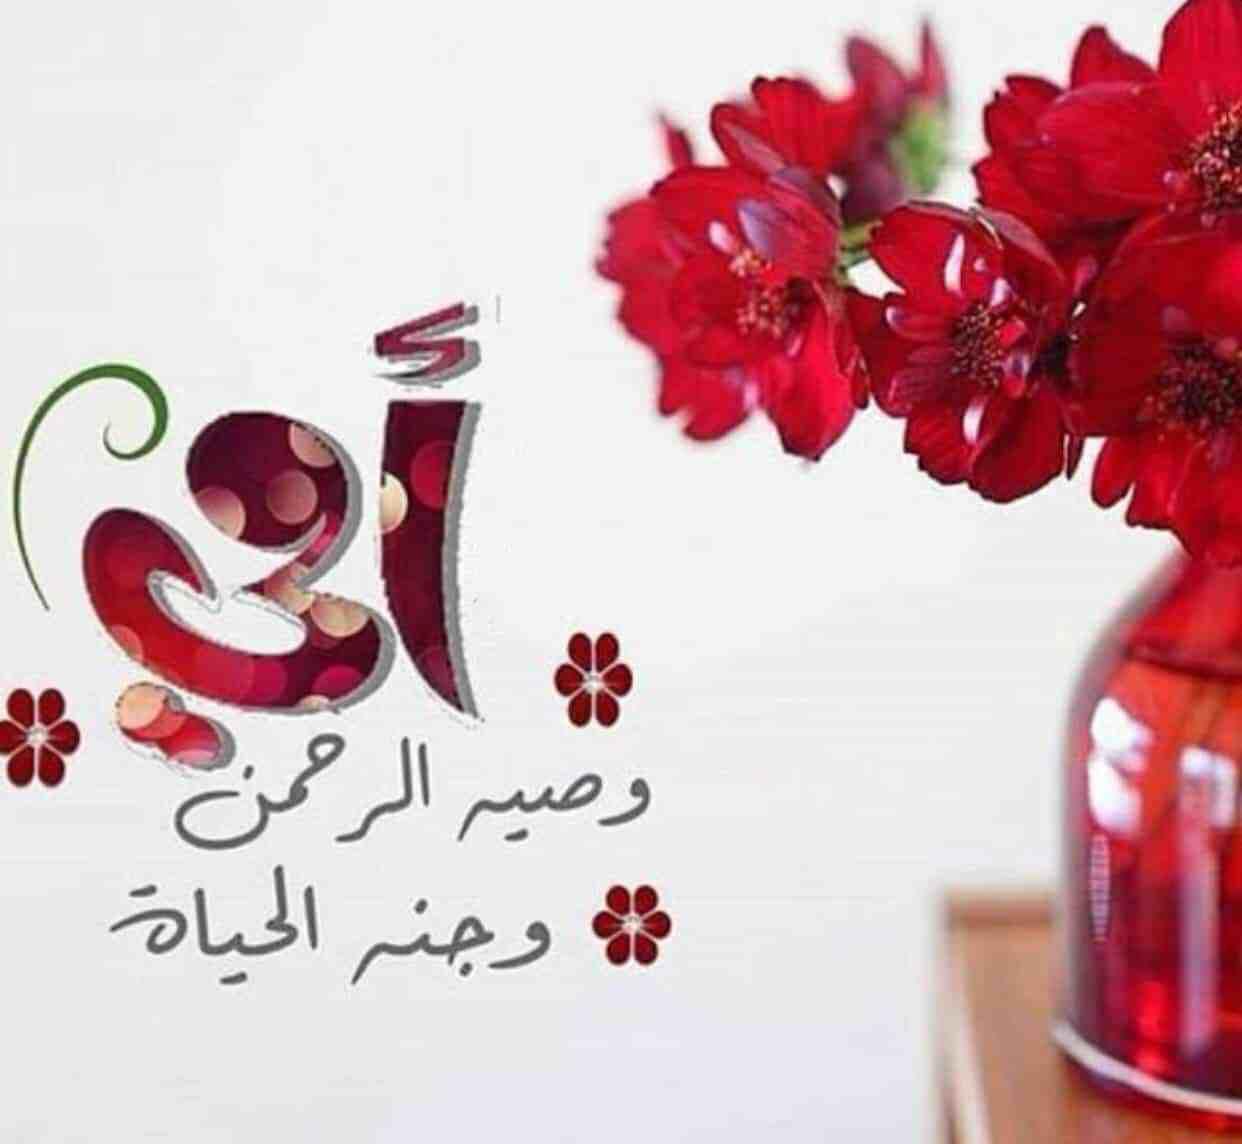 بمناسبة عيد الام .. أجمل عبارات التهنئة و المسجات والرسائل النصية المختصرة للأم في عيد الأم 21 مارس 2021 م امي نبض قلبي، وبهجة الروح